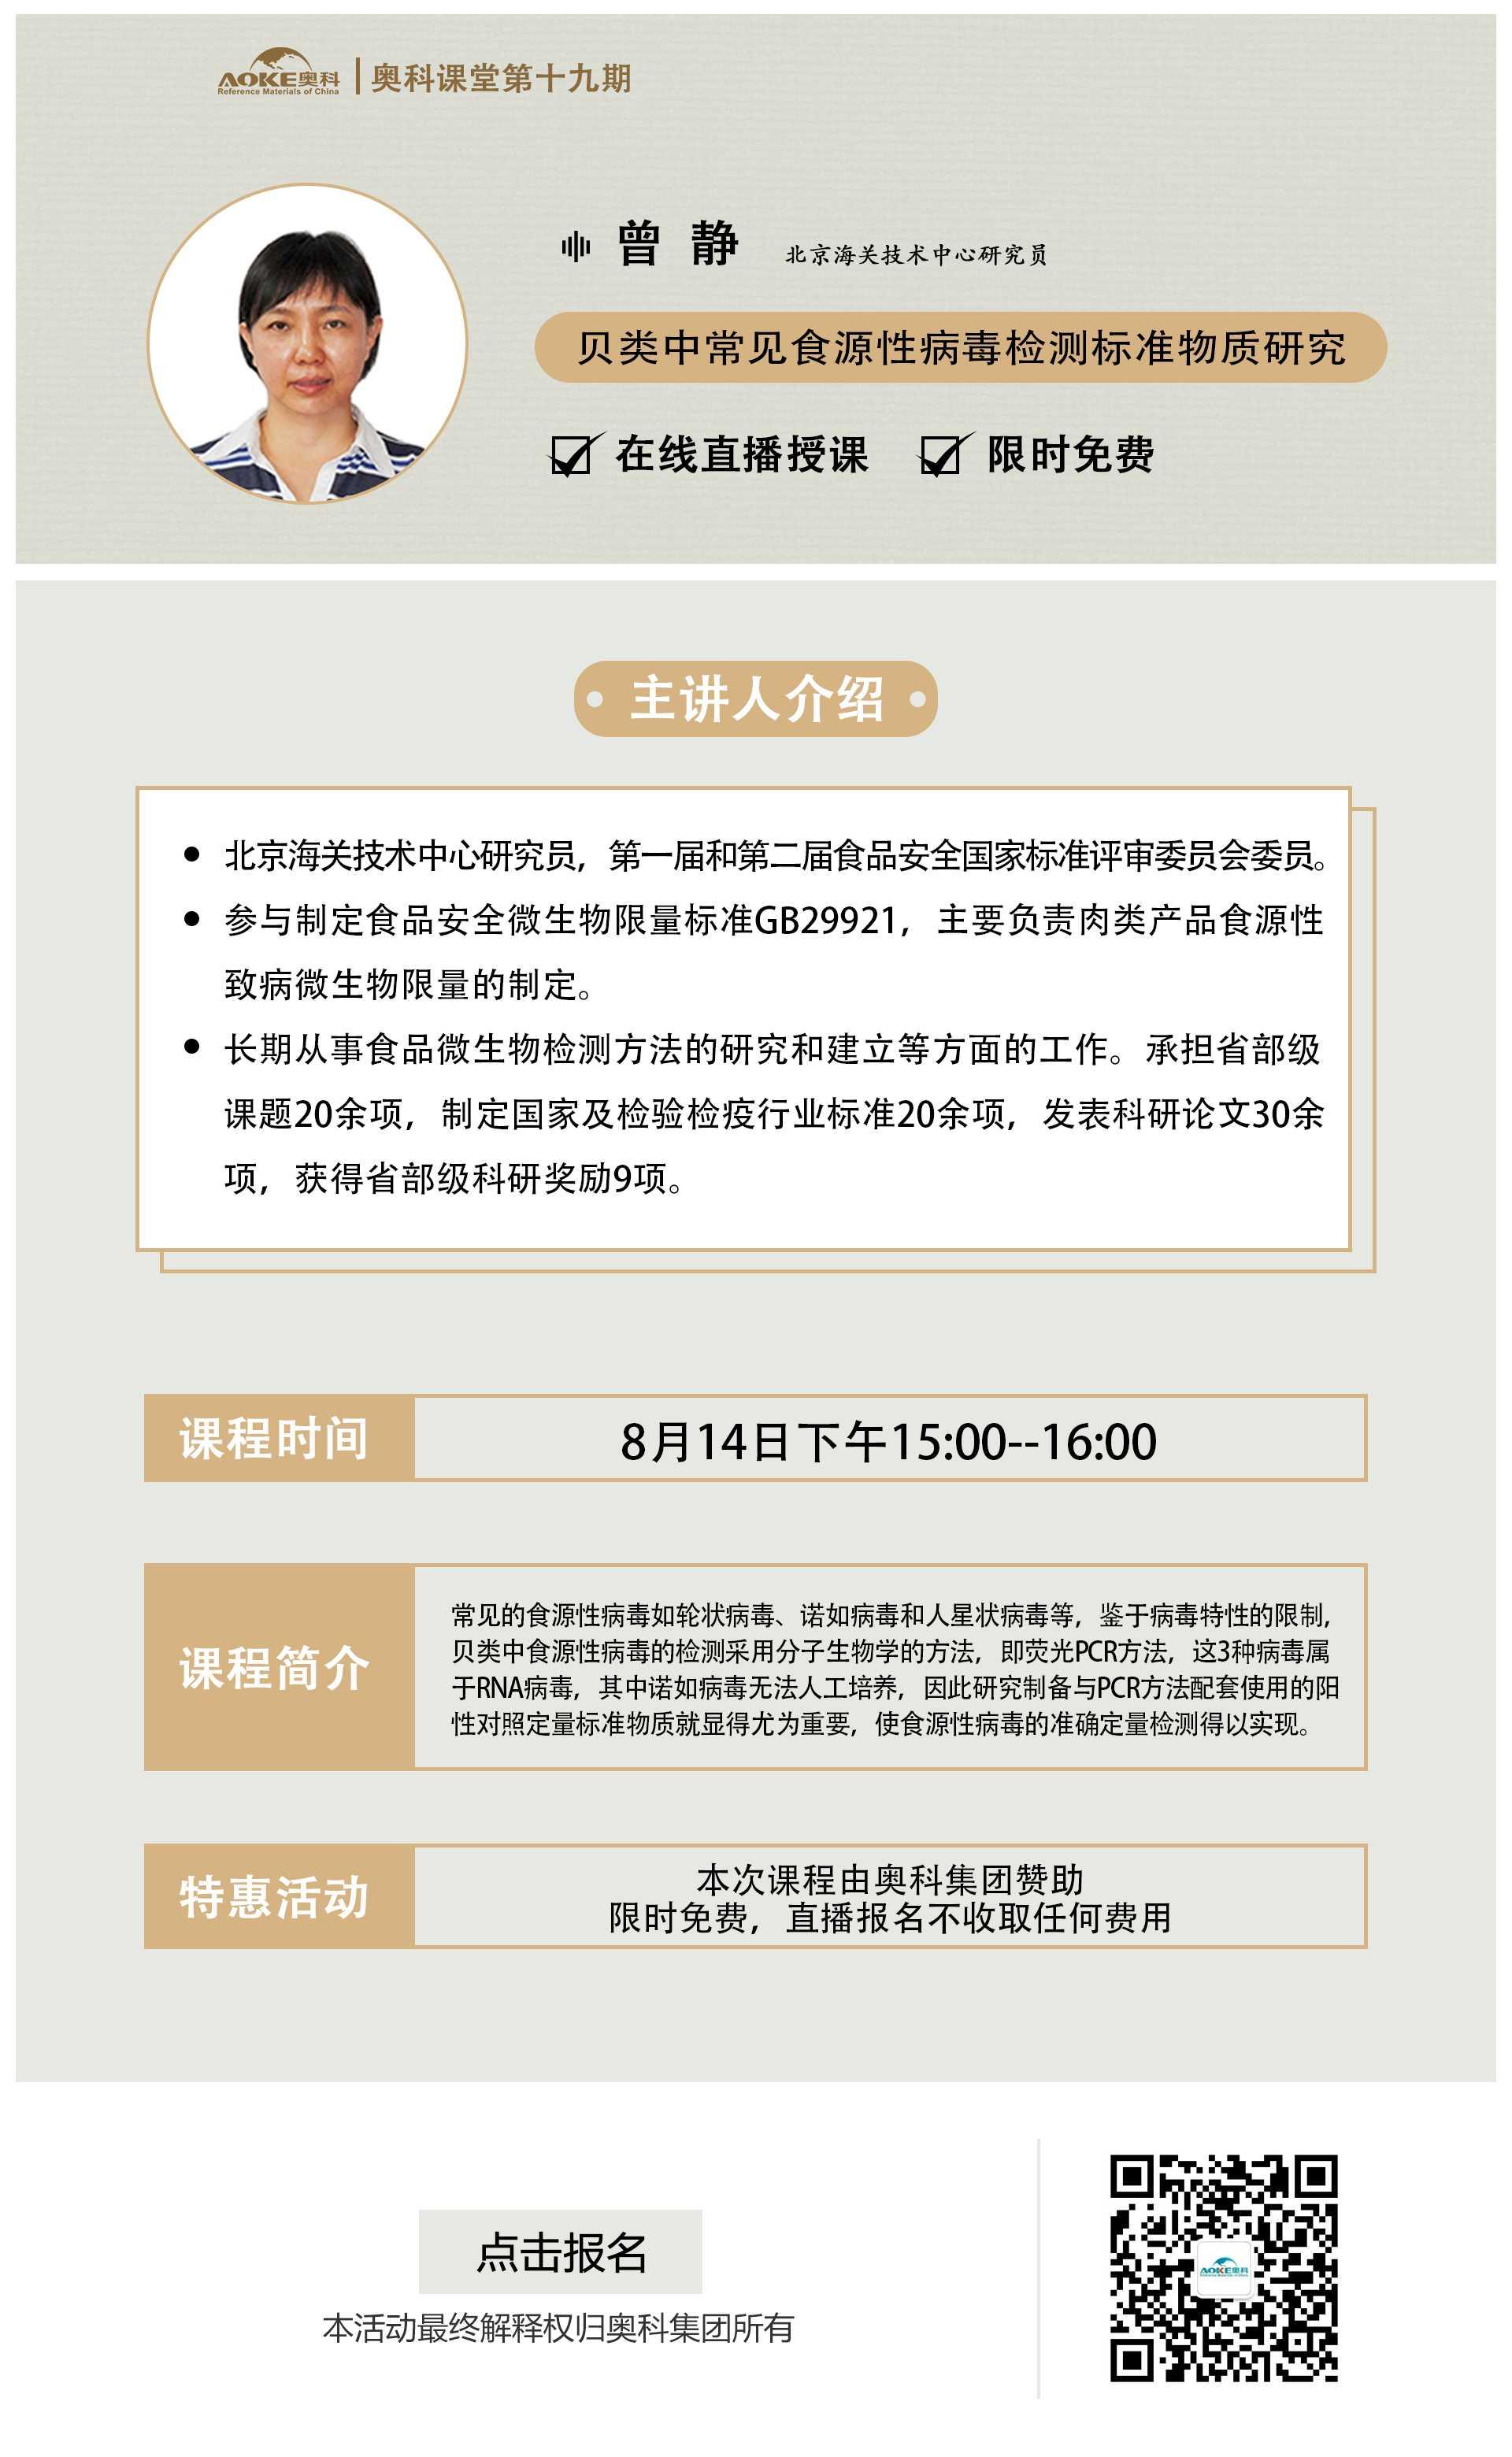 奥科课堂第十九期-www.hongyun360.net-博彩在线评级网